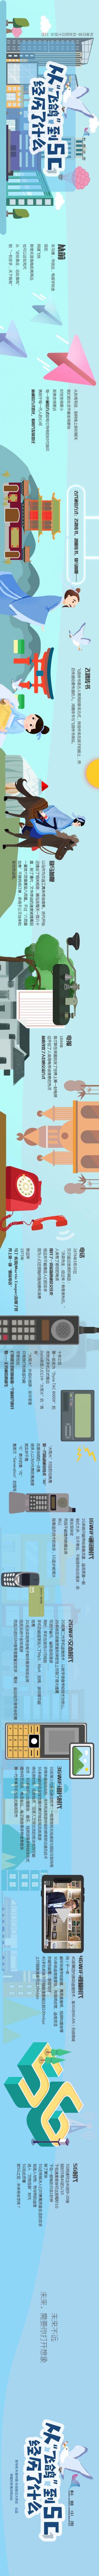 AEB86E0B-5228-4C95-83BE-3720696A631B.jpeg